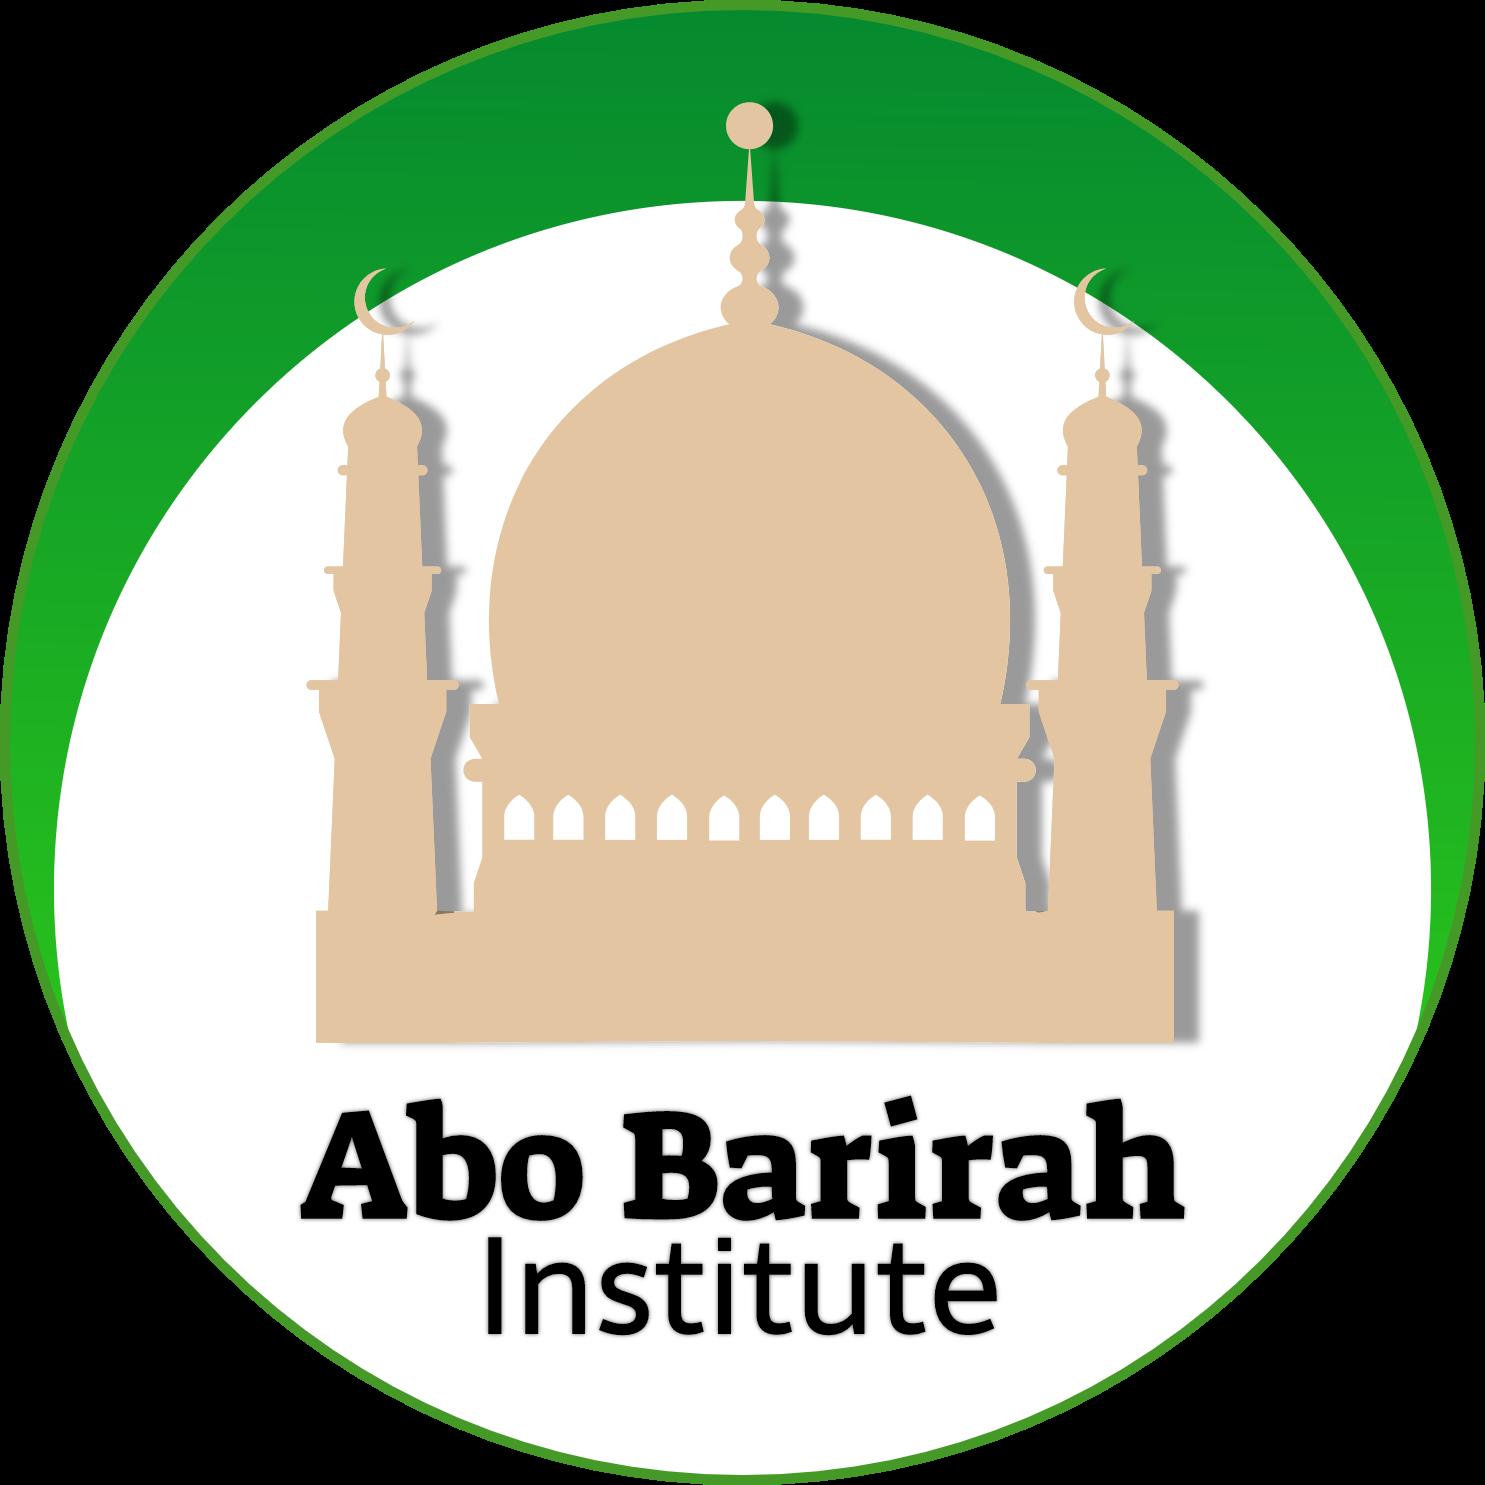 Abo Barirah Institute